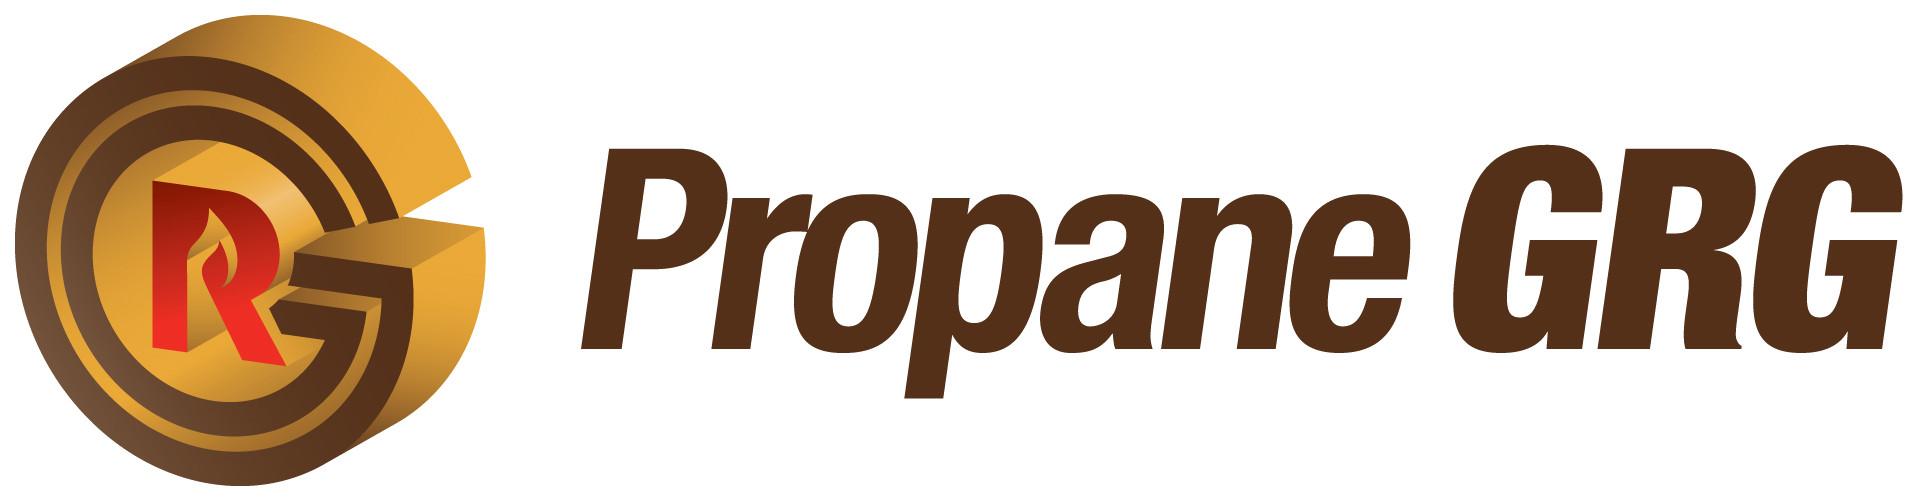 PropaneGRG_Coul